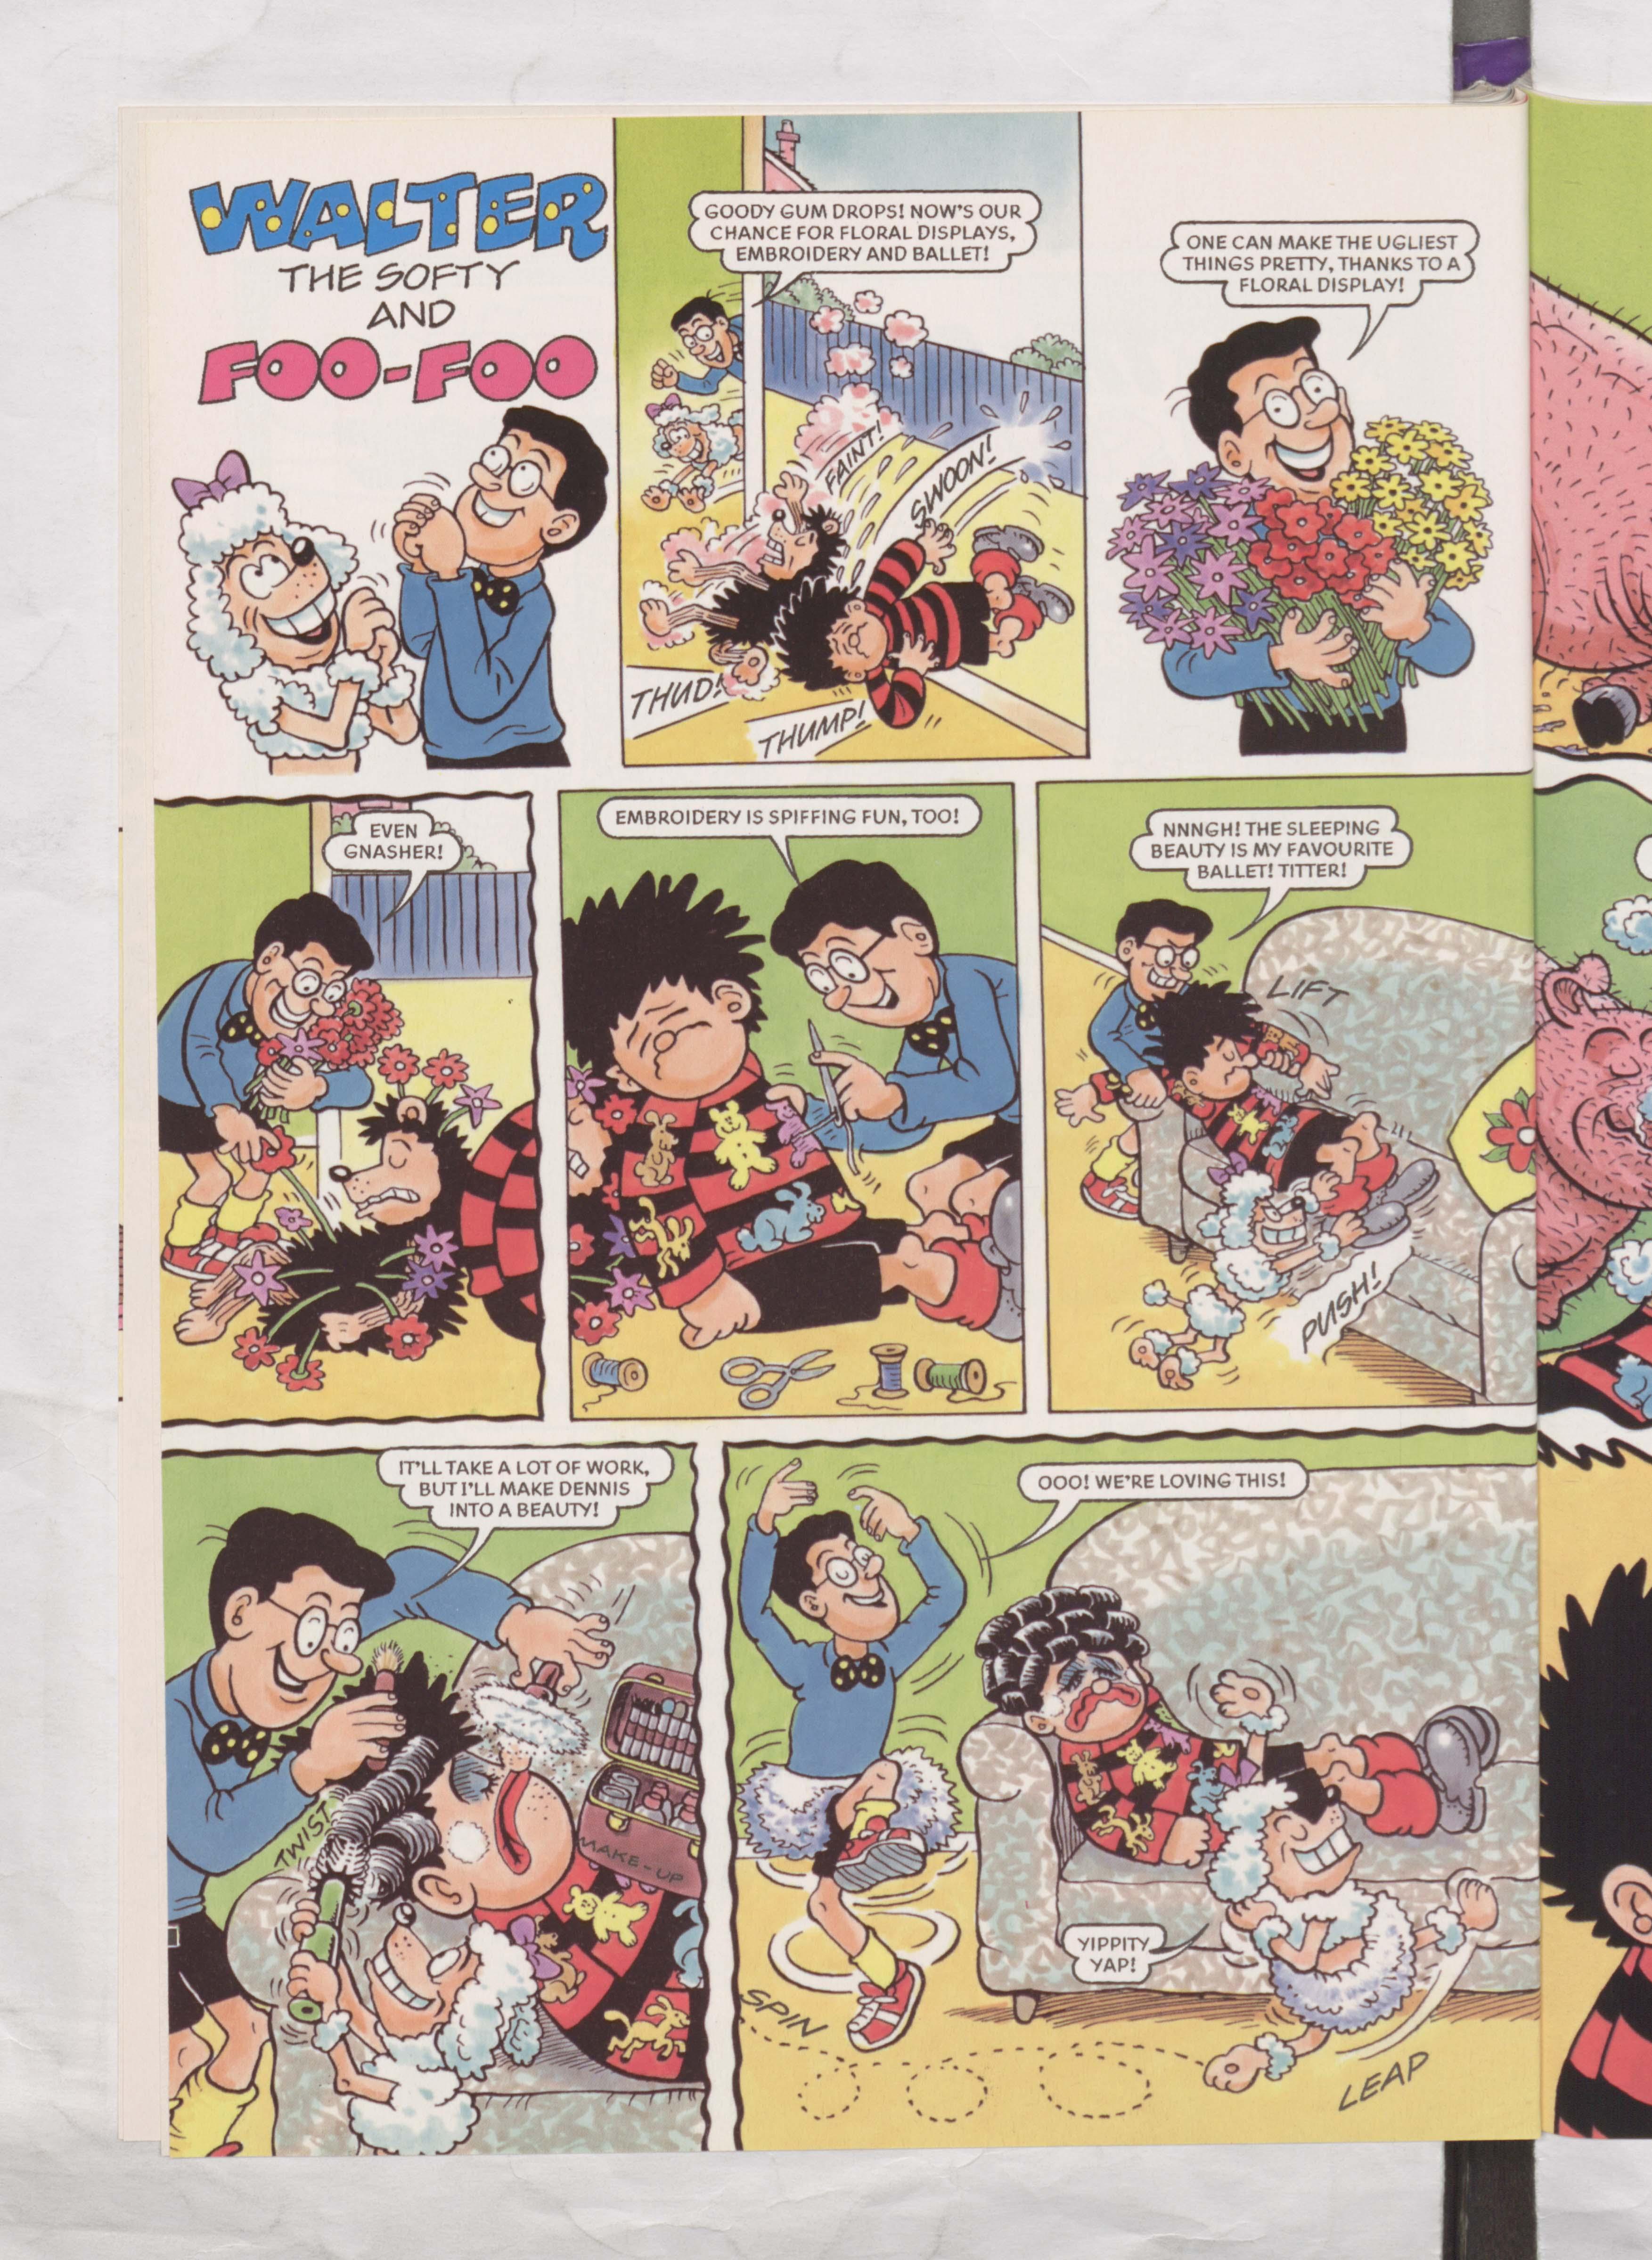 Walter and Foo-Foo - Beano Book 2002